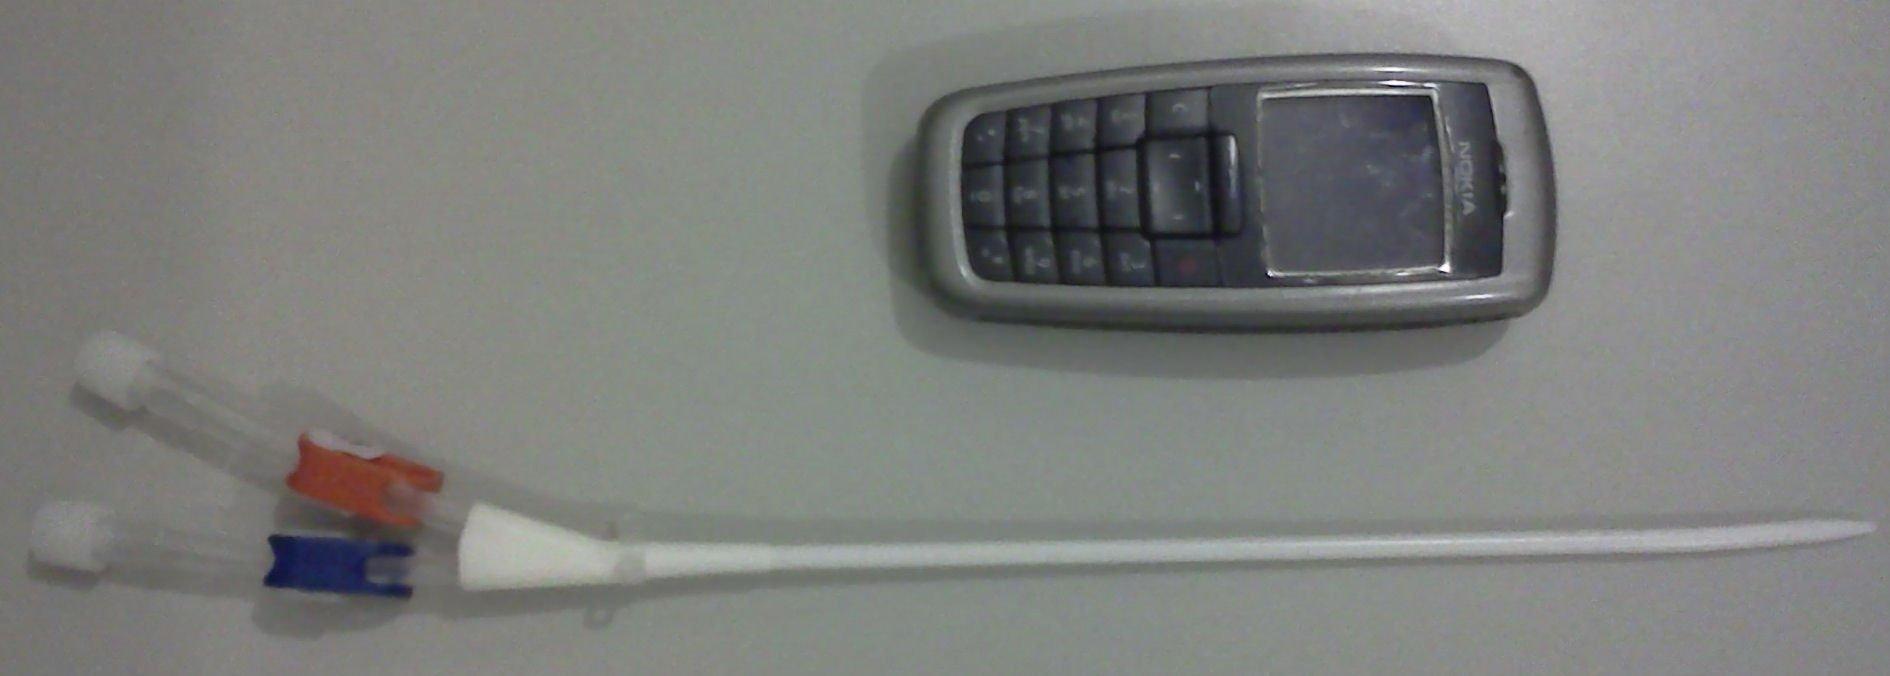 Cateter venoso central na veia jugular (telefone para comparação de tamanho)